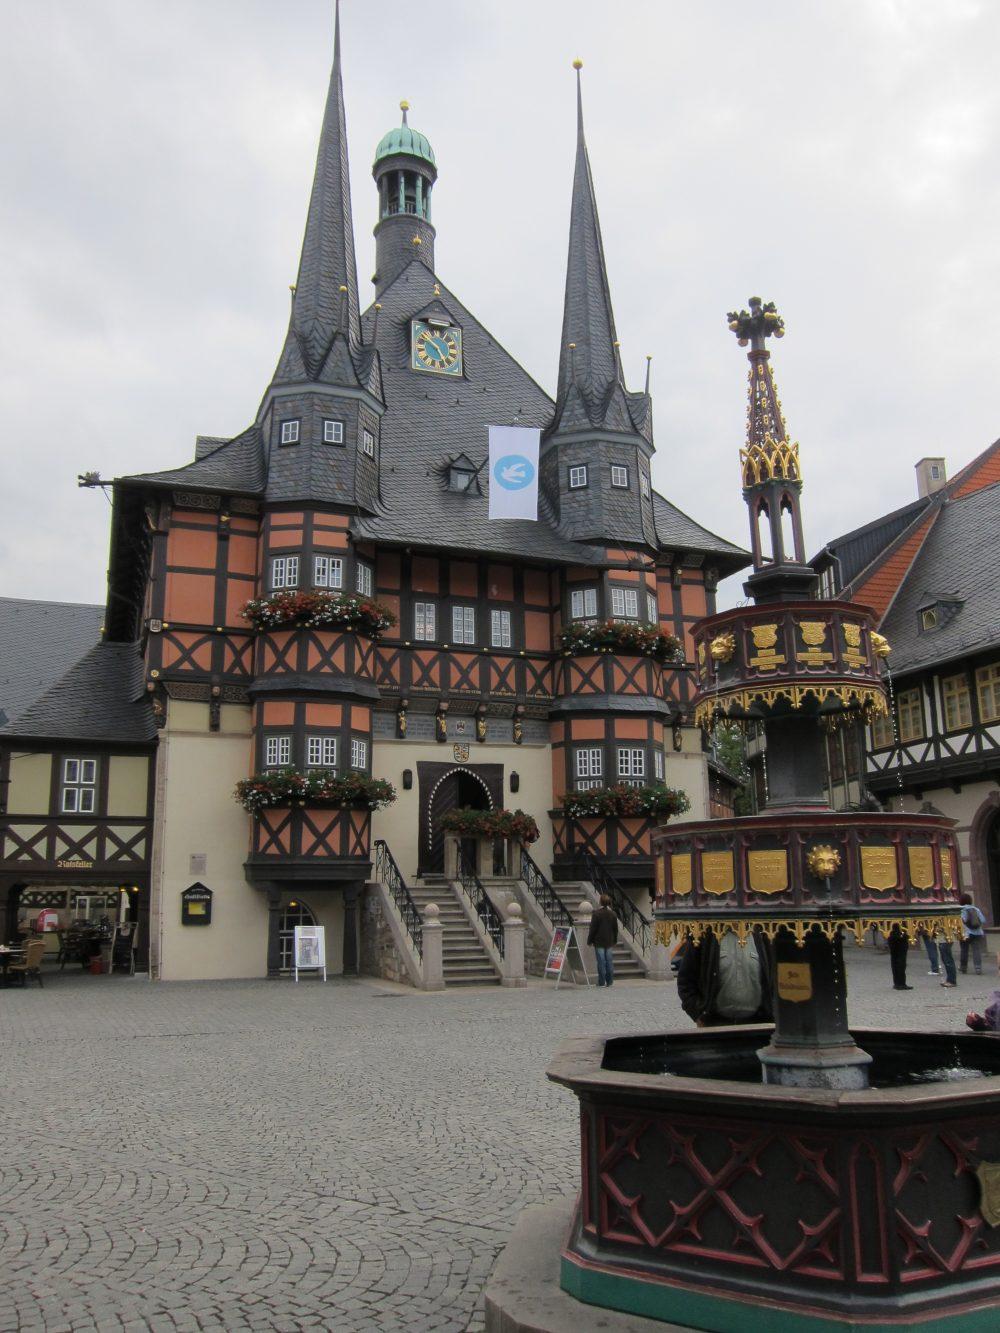 Ausflug Liederkranz 2012: Harz - Goslar - Brocken - Wernigerode - Quedlinburg